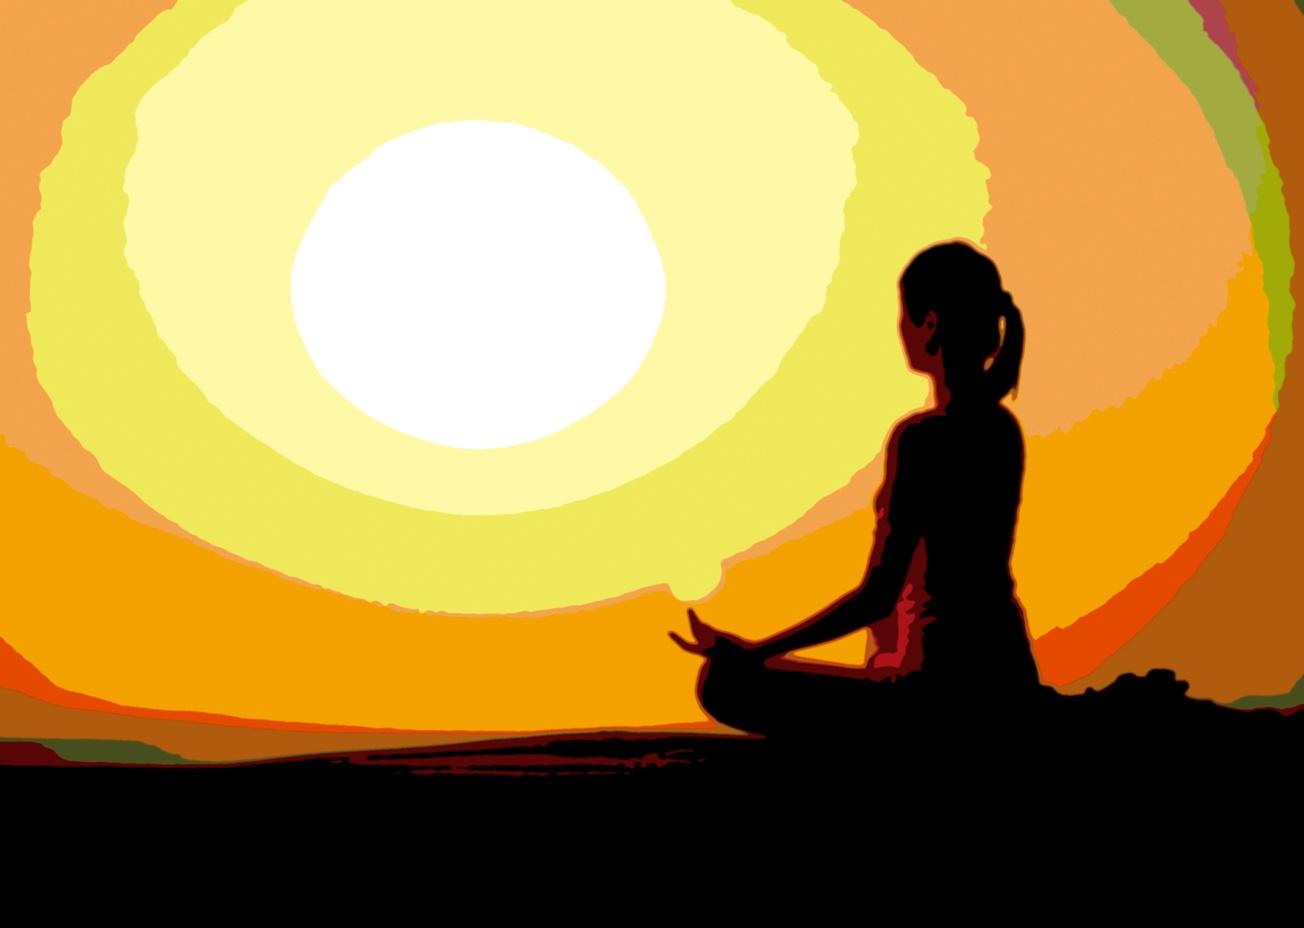 Meditar sienta bien